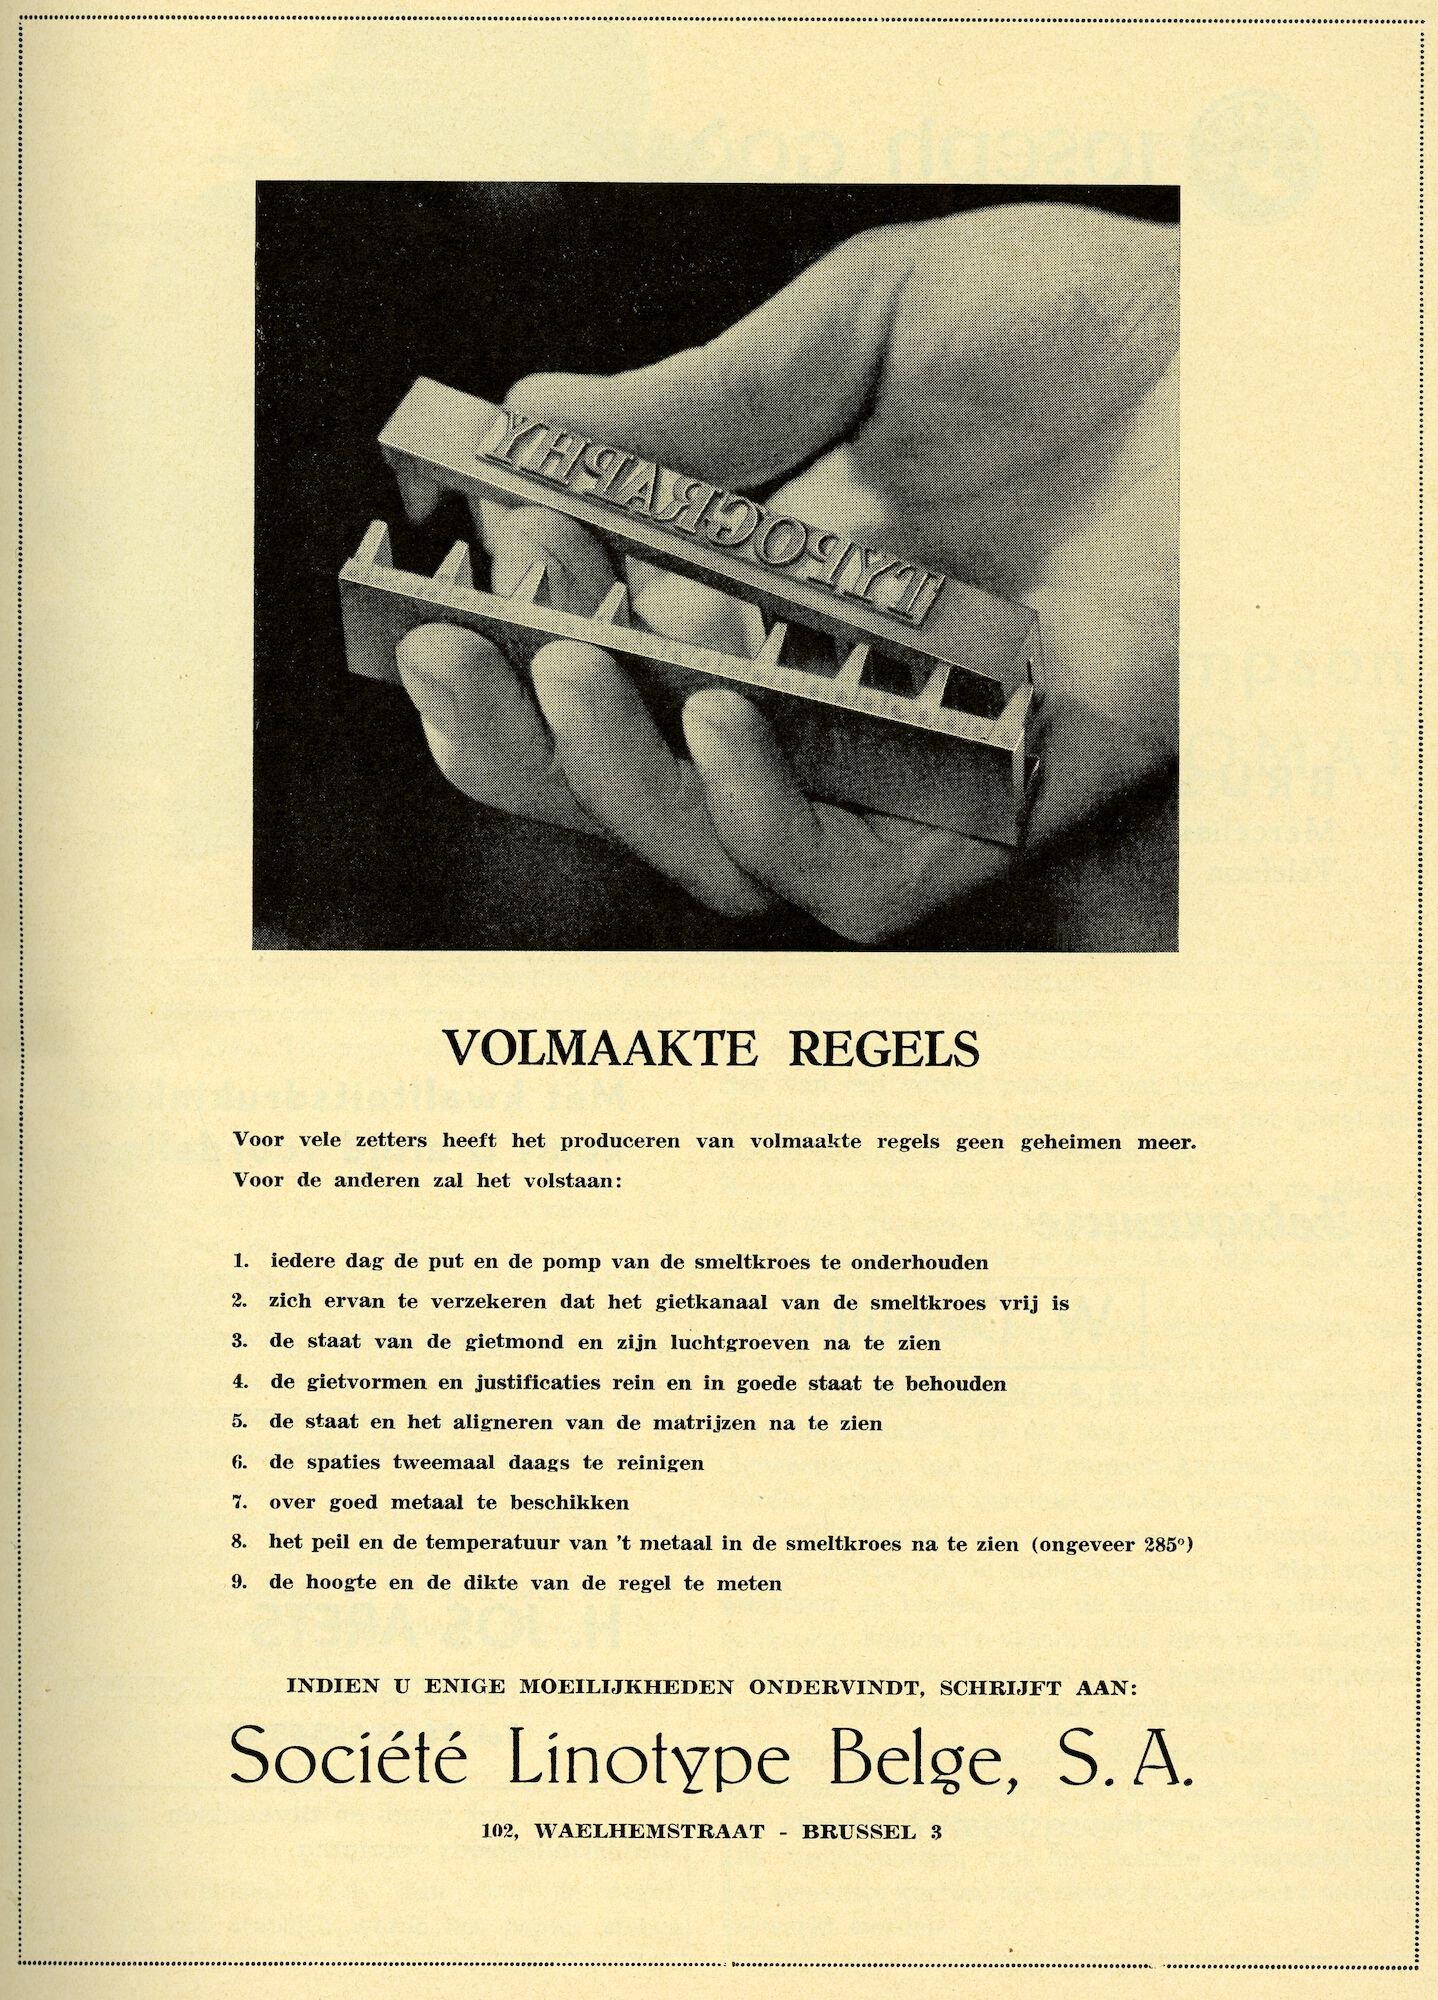 Reclame door Société Linotype Belge voor het produceren van volmaakte loden regels tekst